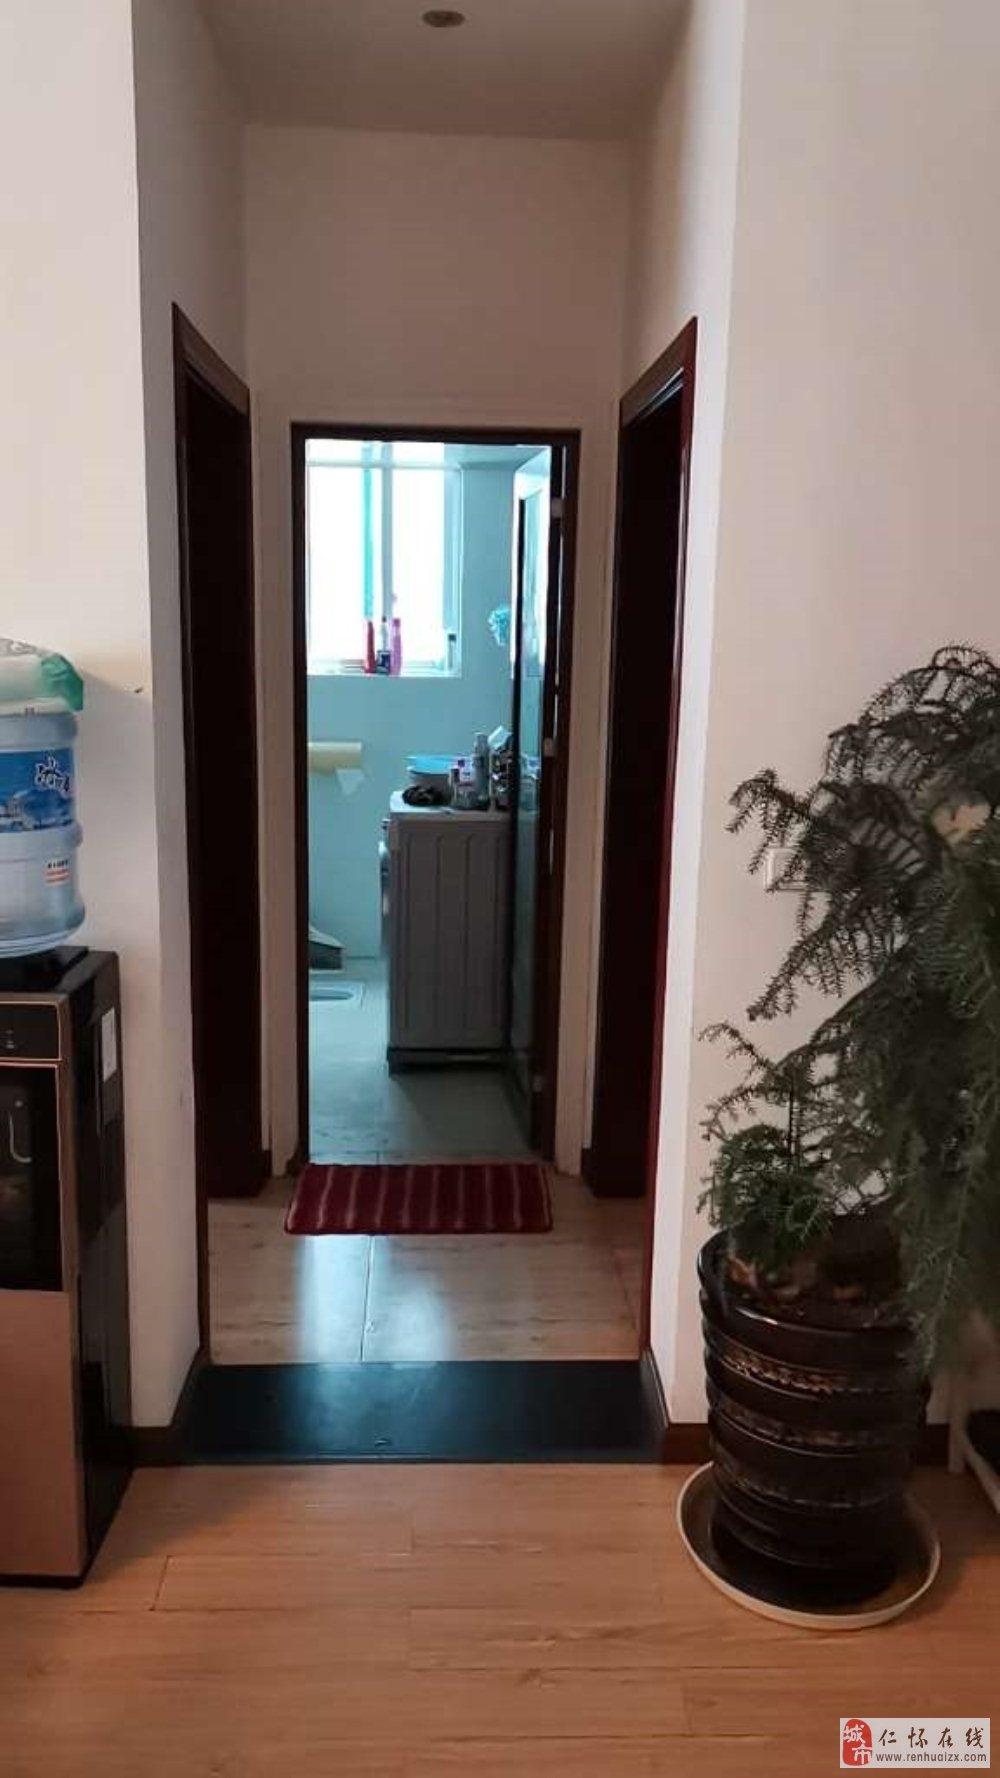 新景3室1厅2卫79.8万元